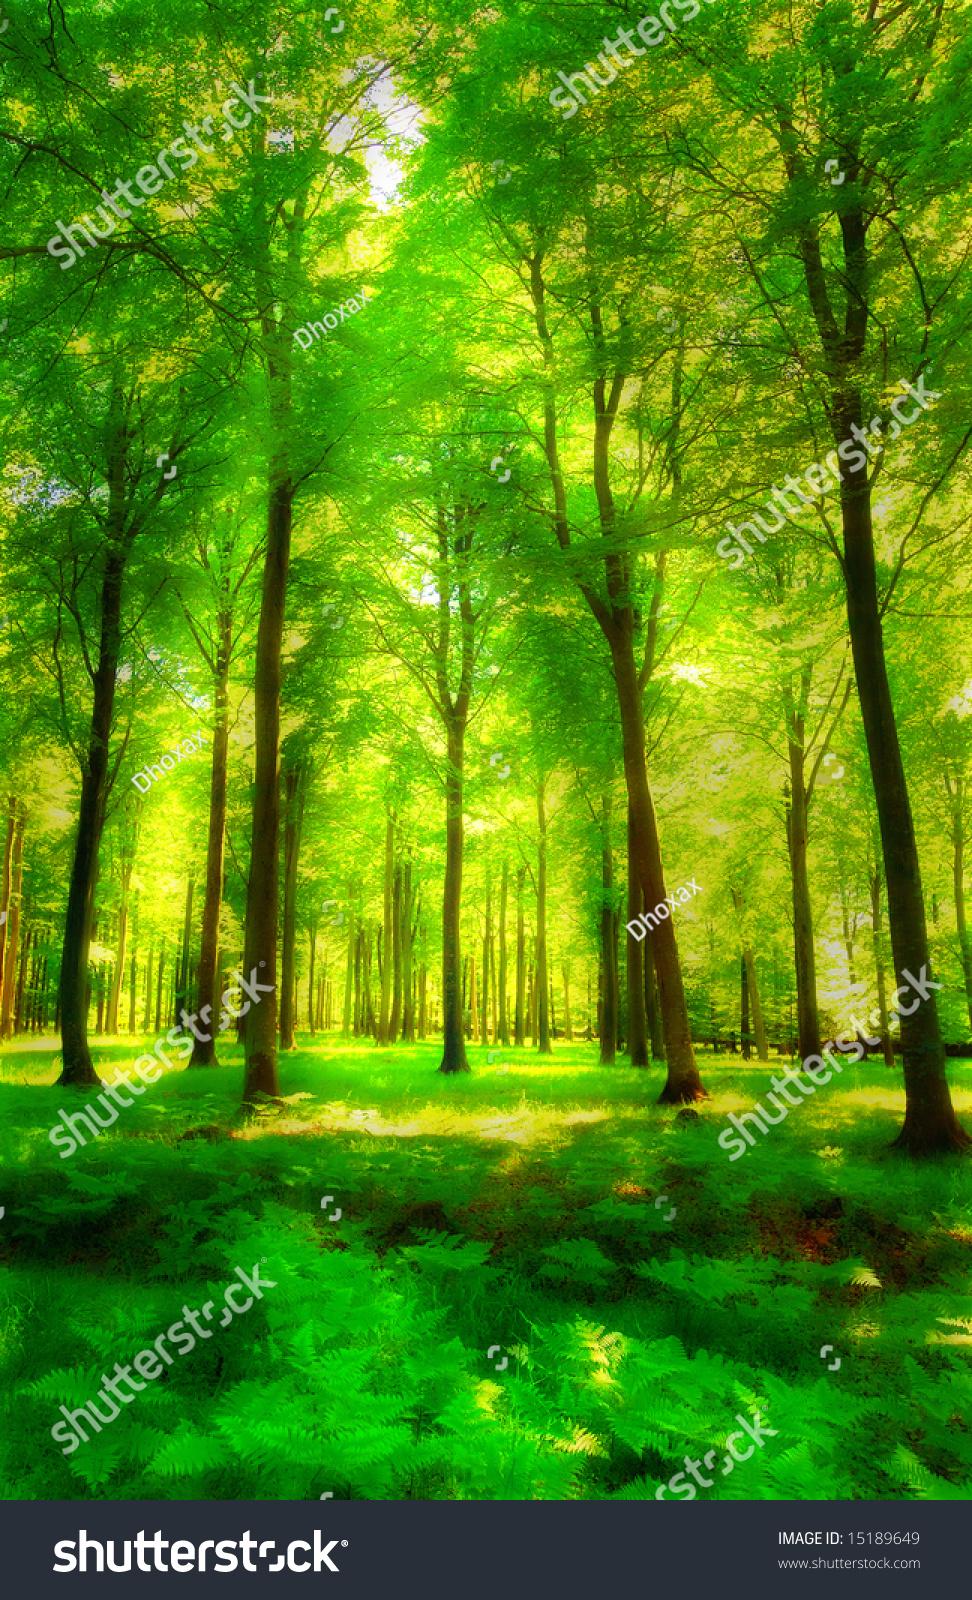 壁纸 风景 森林 桌面 973_1600 竖版 竖屏 手机